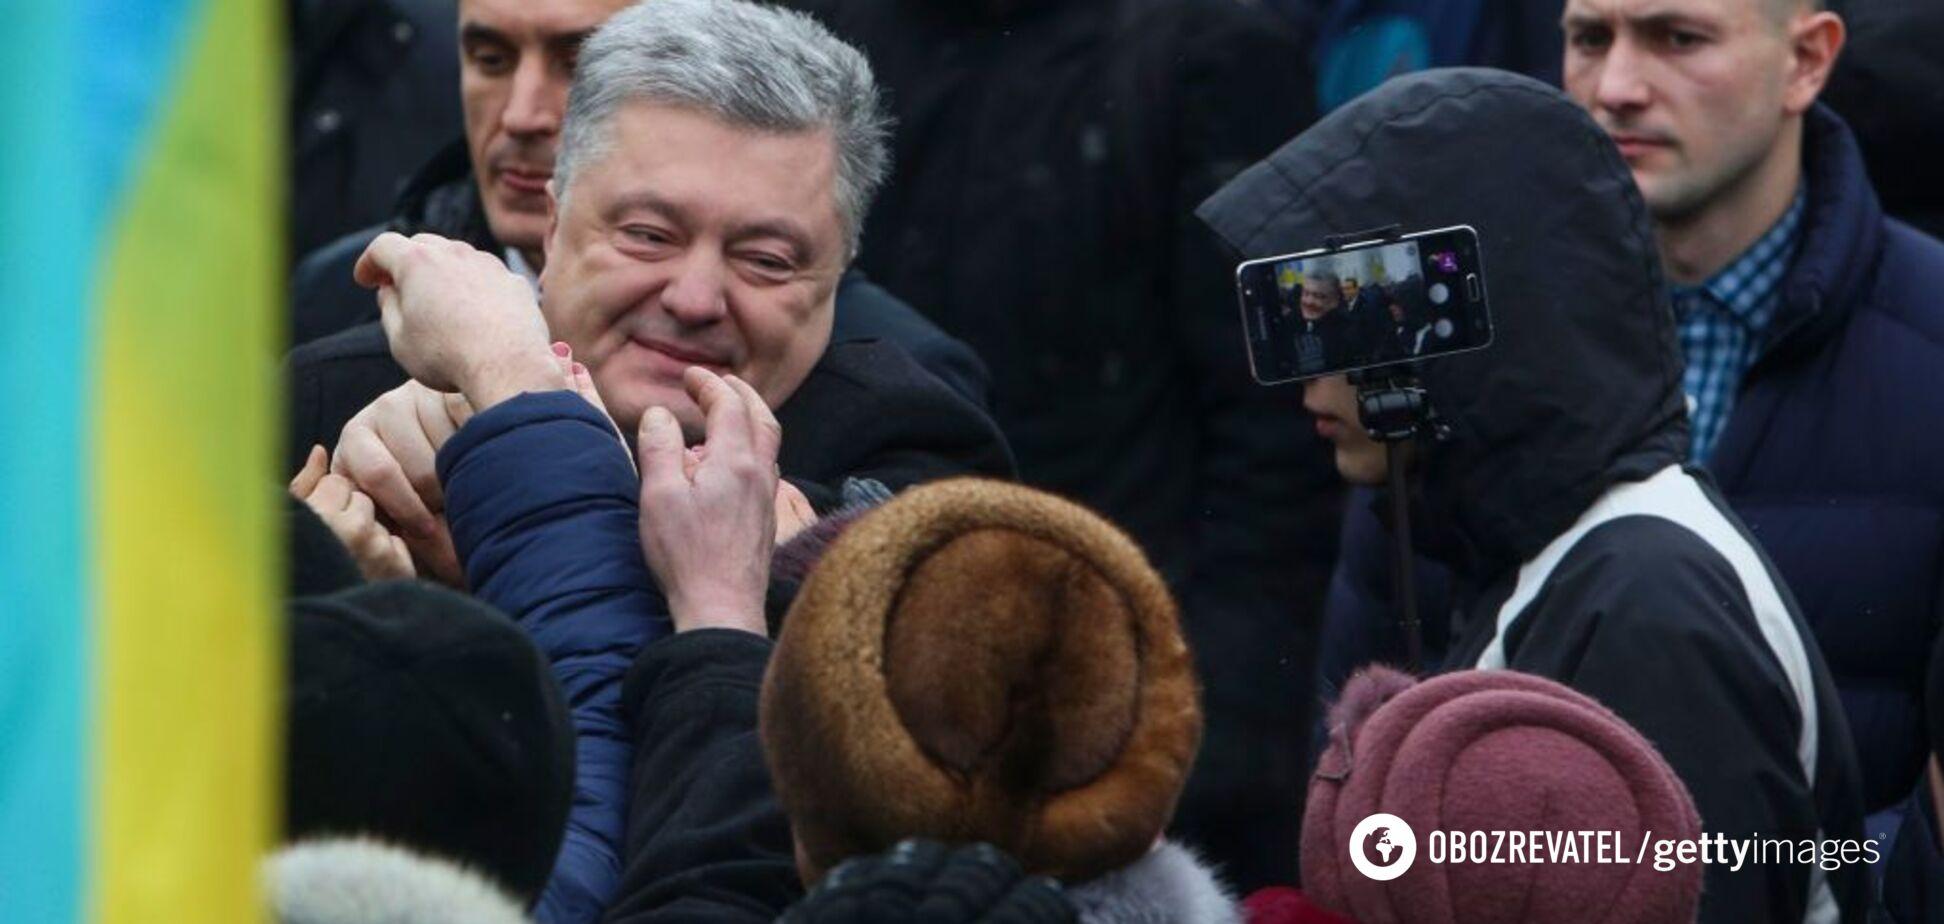 Українці, дива на виборах не буде, не сподівайтесь!